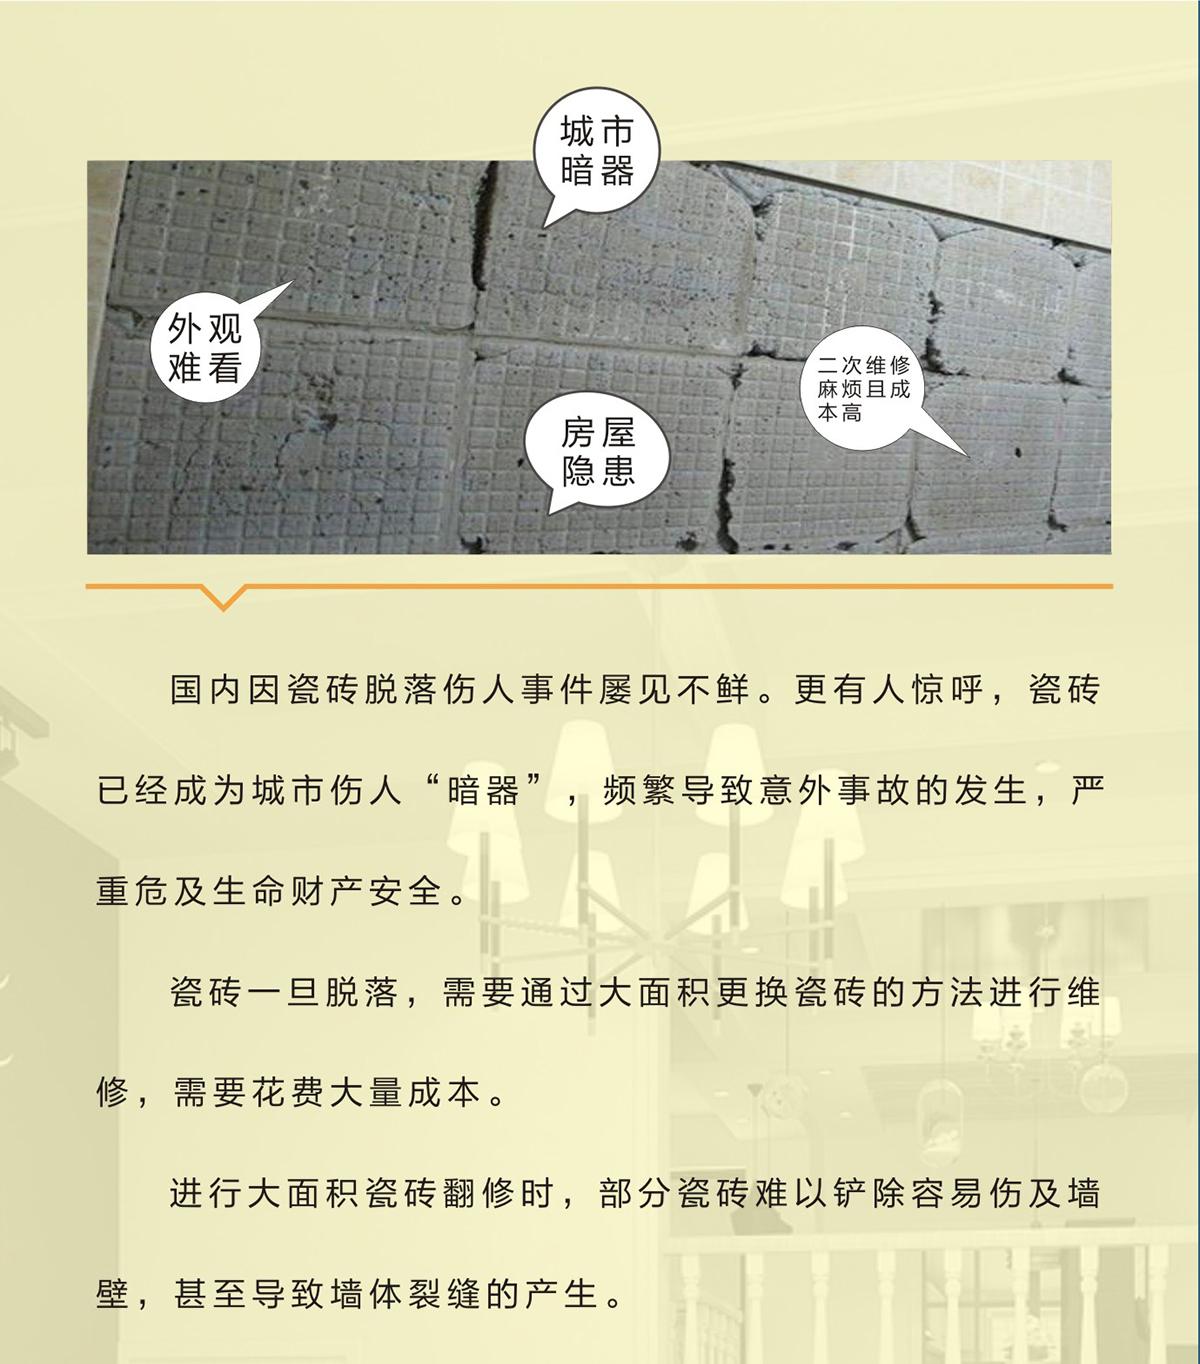 不合格的瓷砖粘结剂存在的隐患